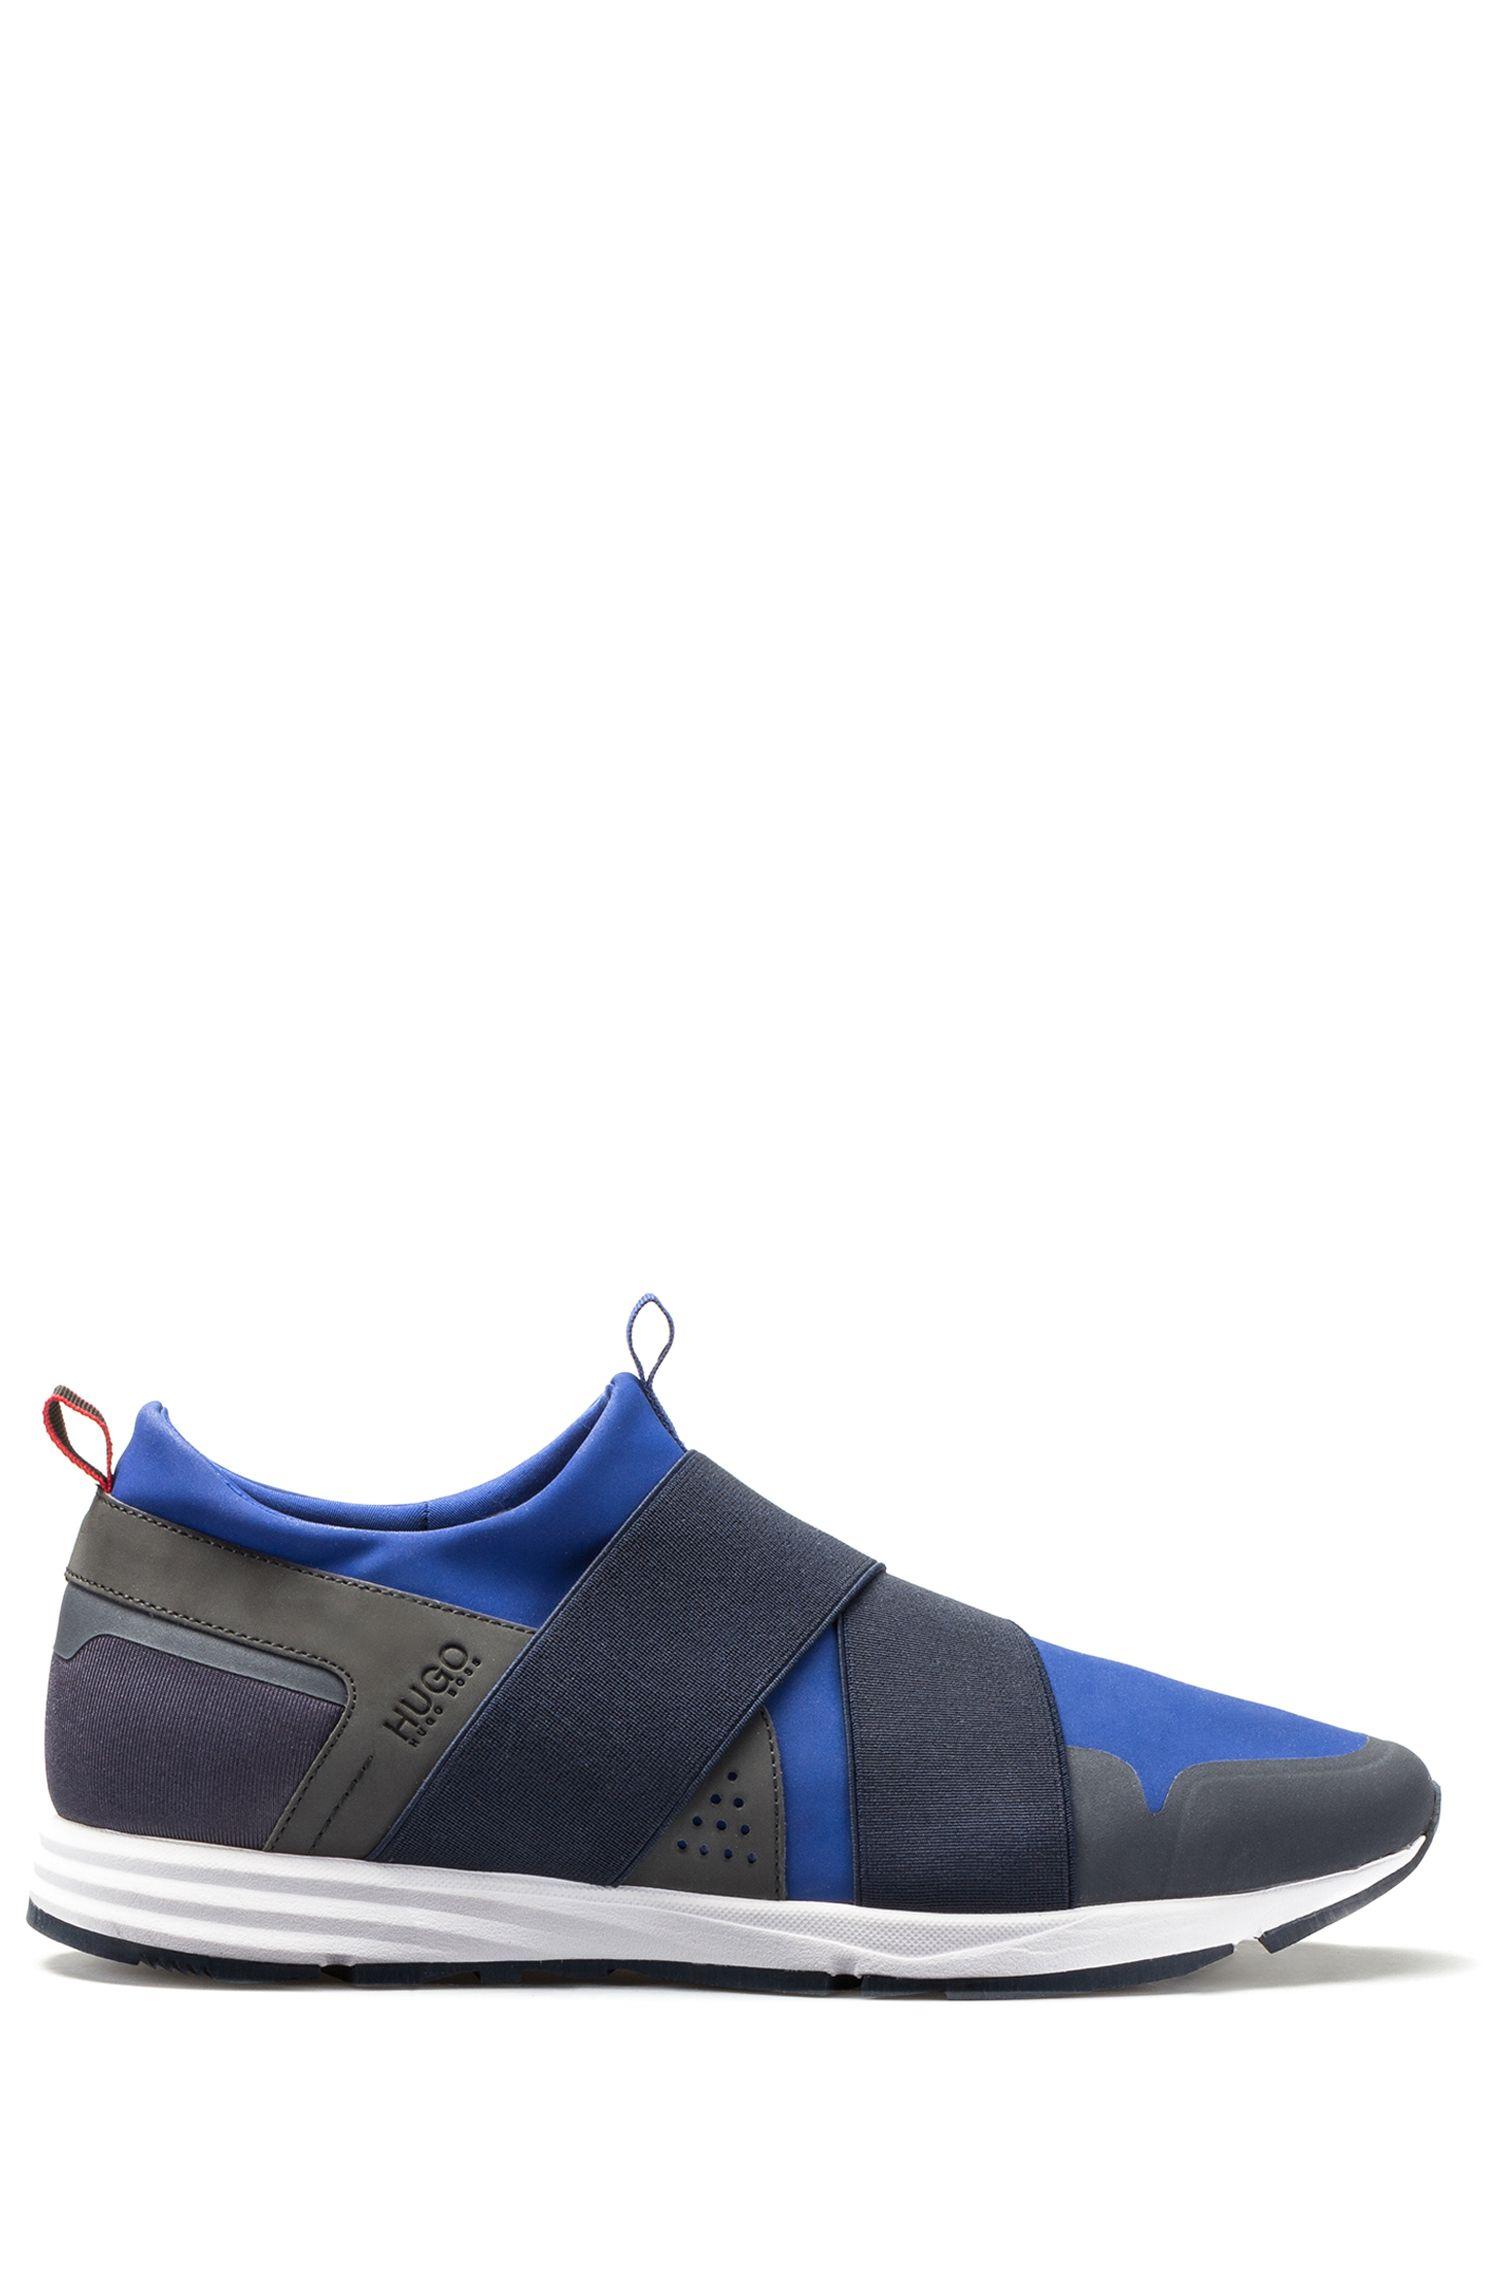 Sneakers con fascia superiore in tessuto tecnico